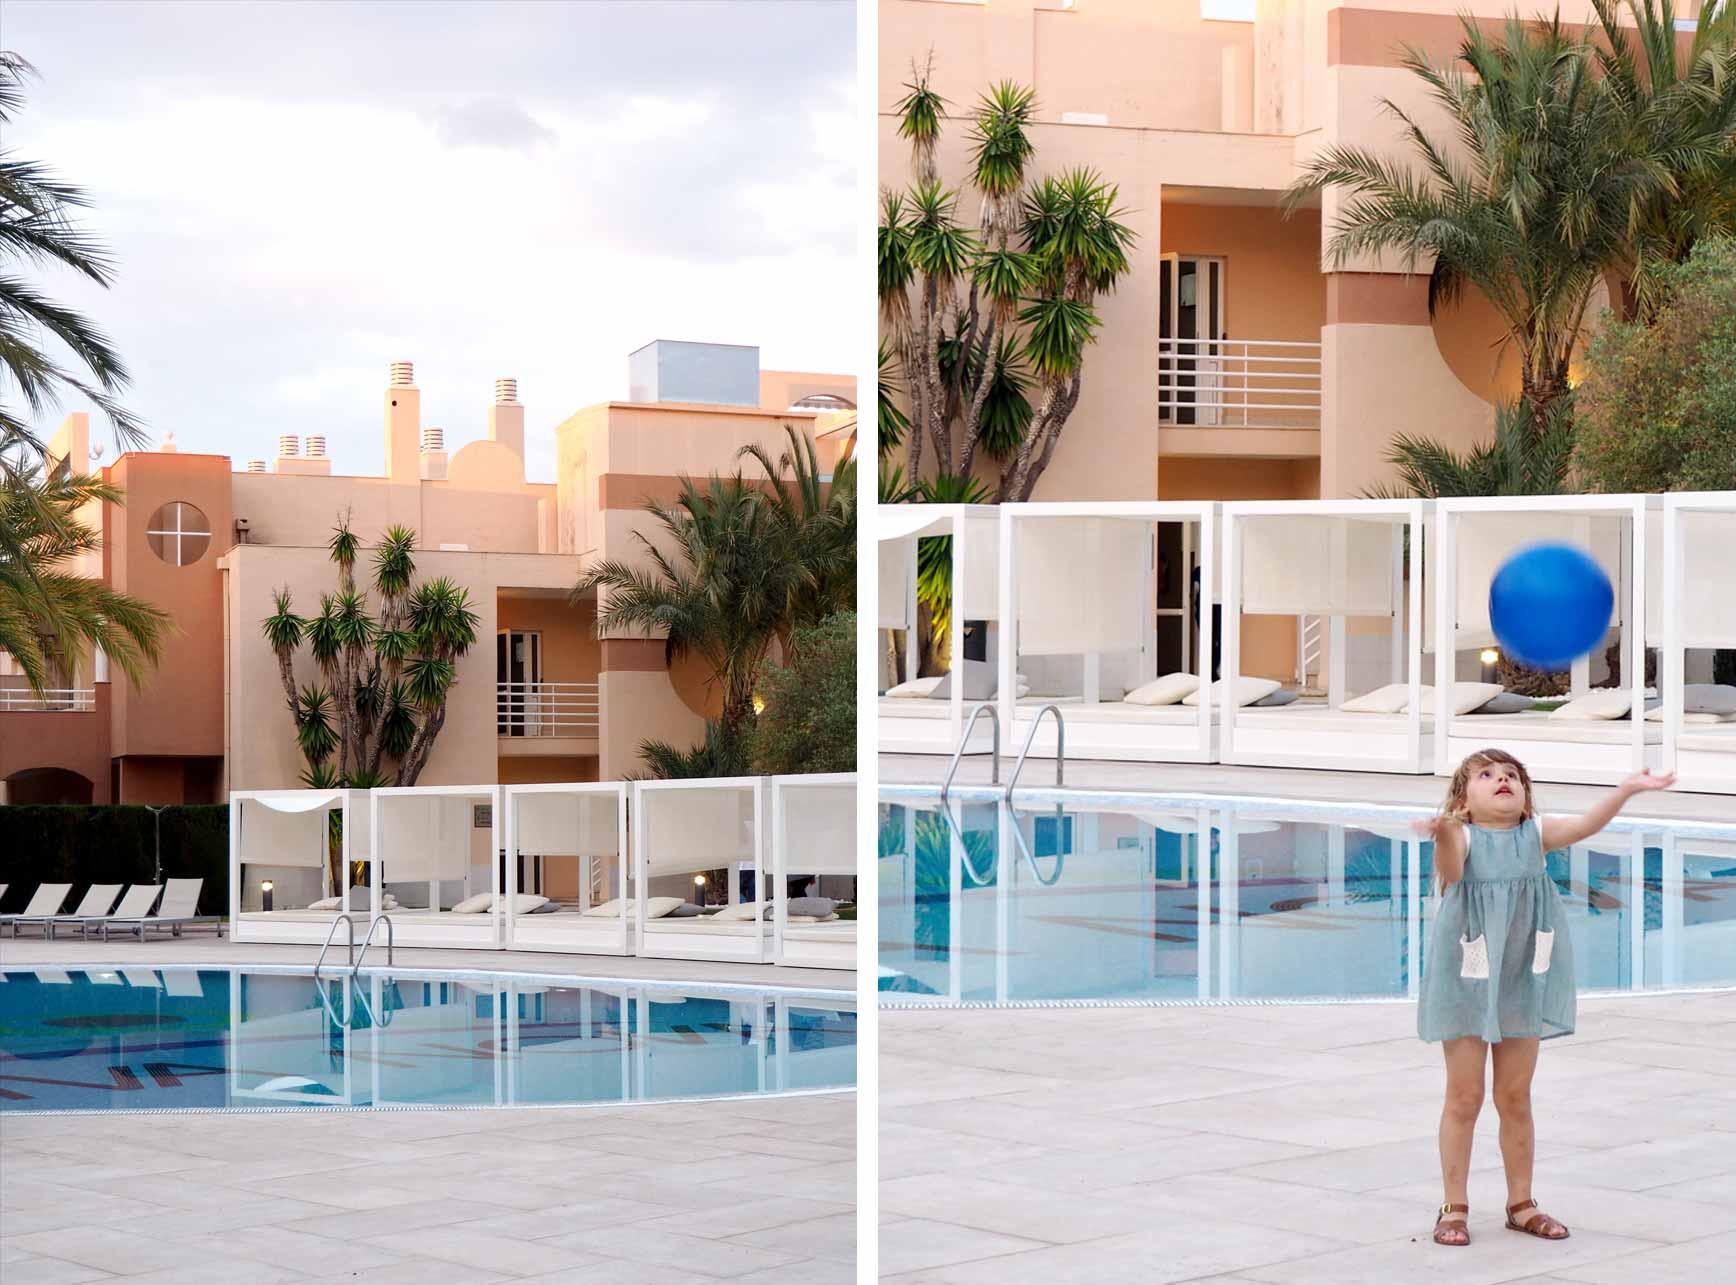 Hotel Oliva Nova_claraBmartin_02